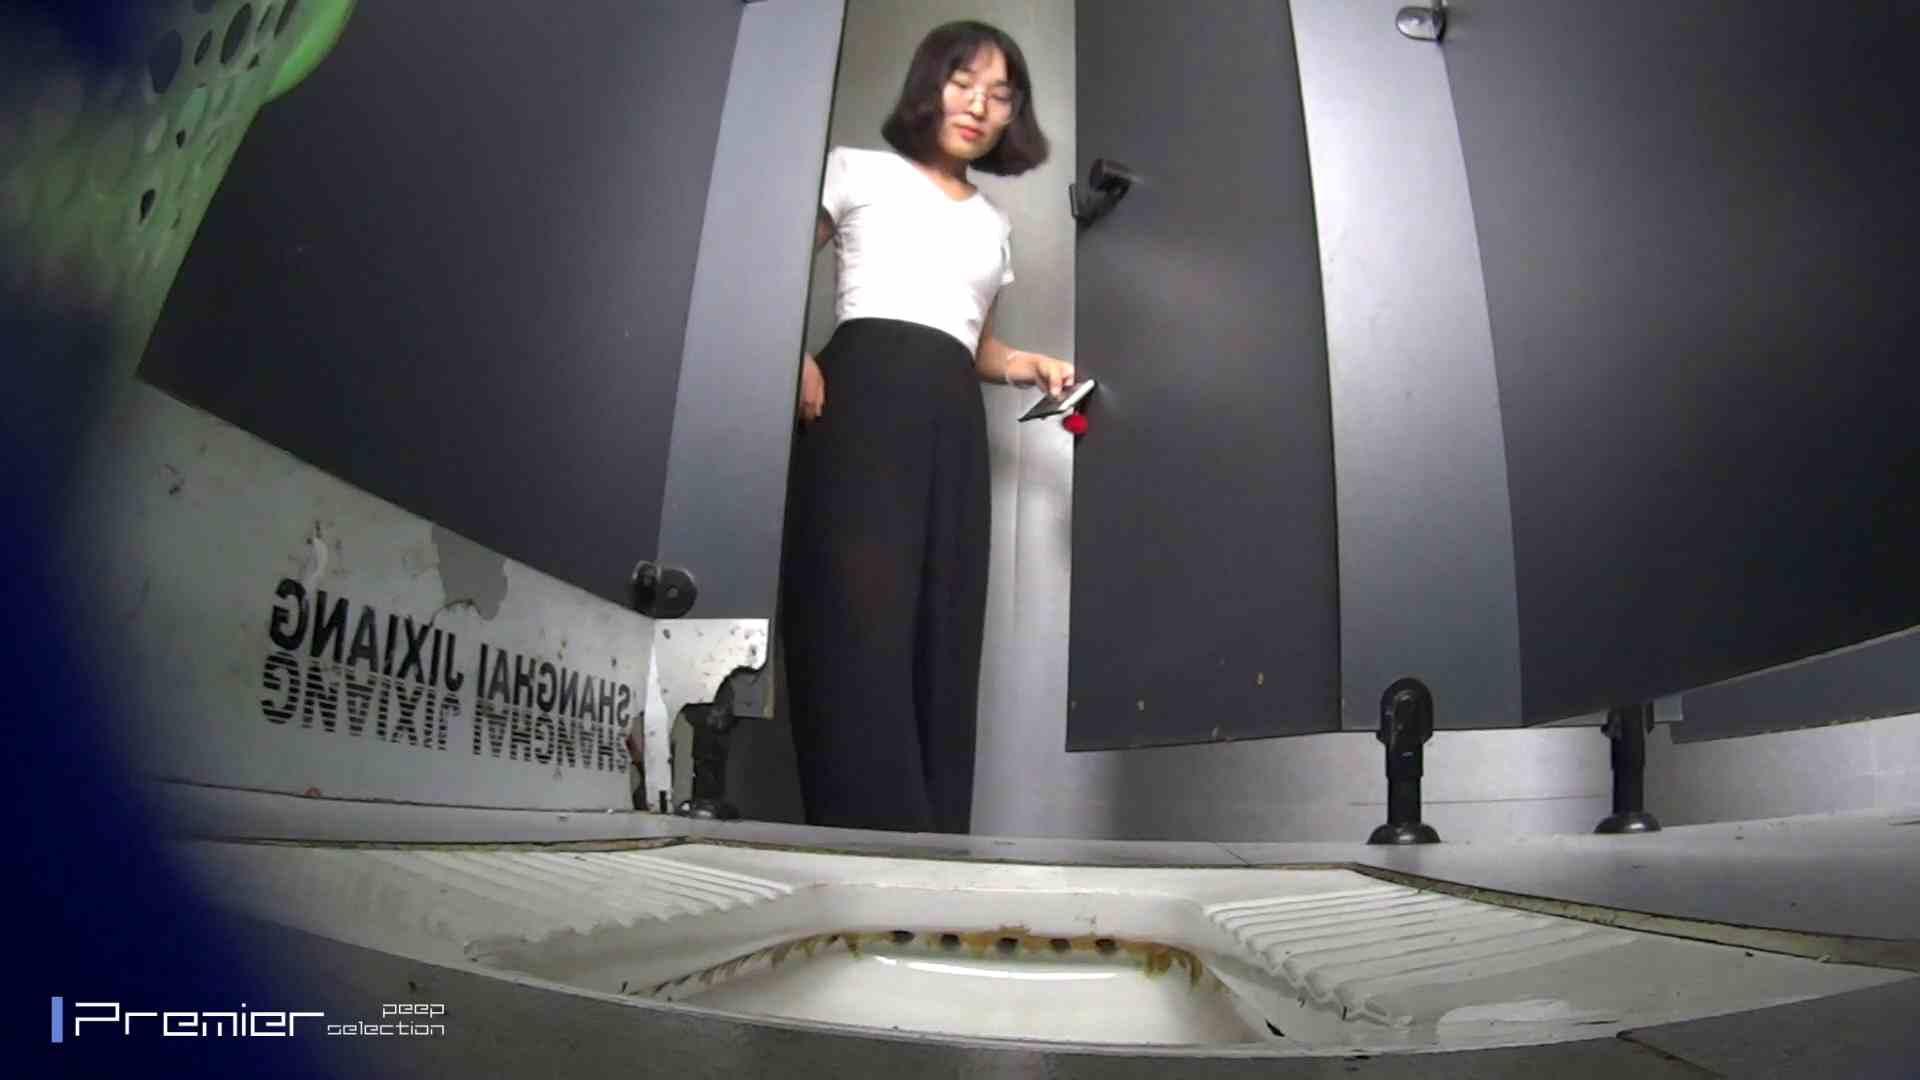 夏全開!ハーフパンツのギャル達 大学休憩時間の洗面所事情44 お姉さん 盗み撮り動画 60連発 39